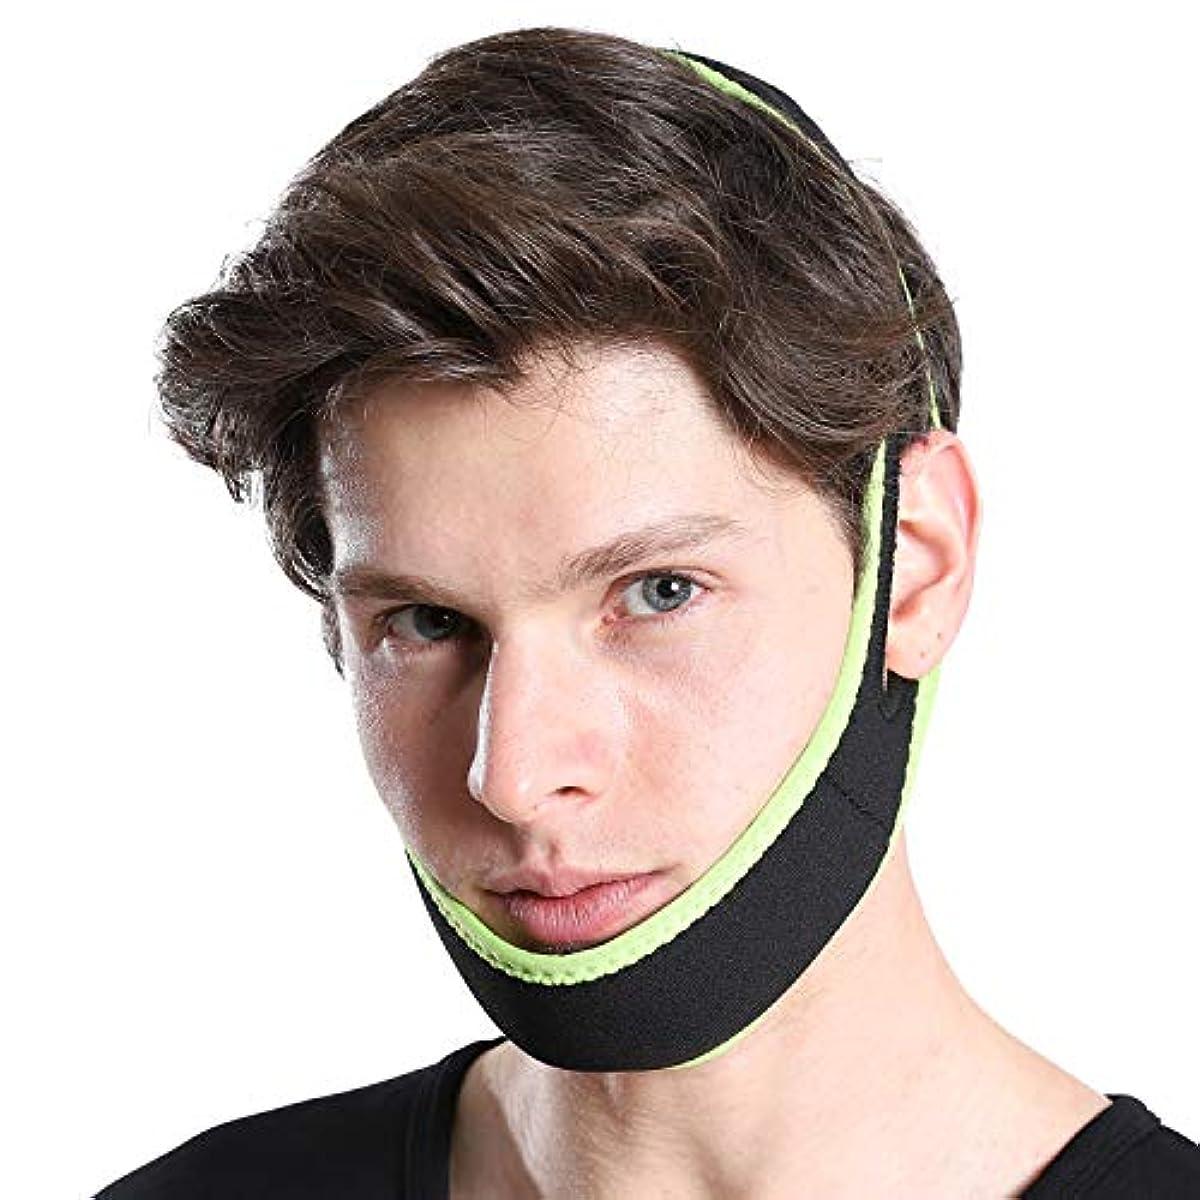 ELPIRKA 小顔マスク メンズ ゲルマニウムチタン 配合で 顔痩せ 小顔 リフトアップ!